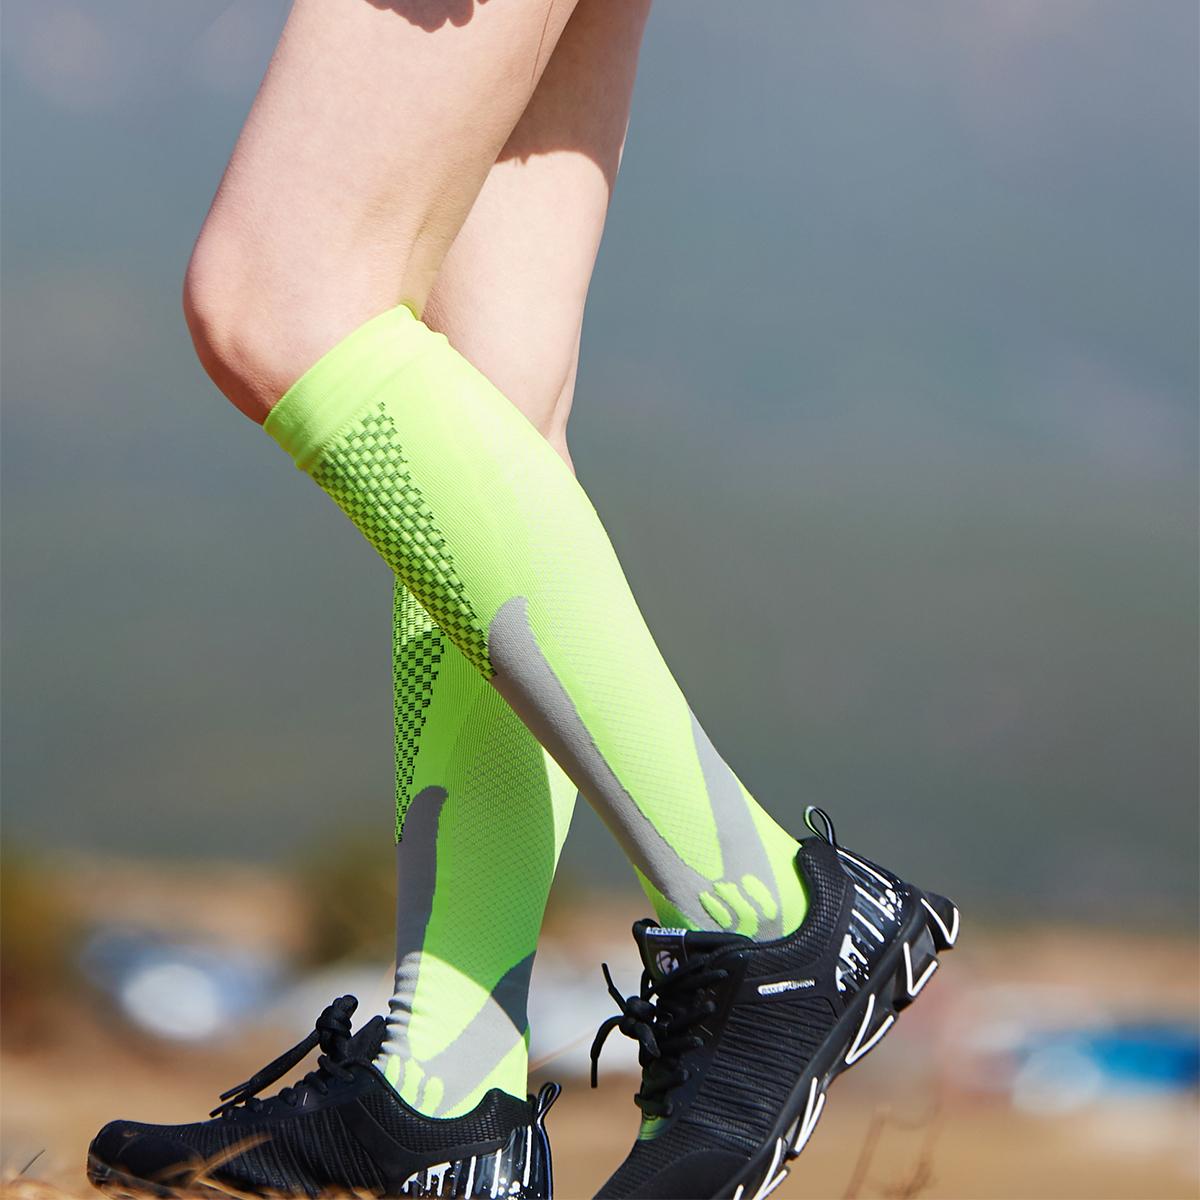 北京专业跑步健身男女马拉松运动中高长筒森林肌能压缩小腿袜子式